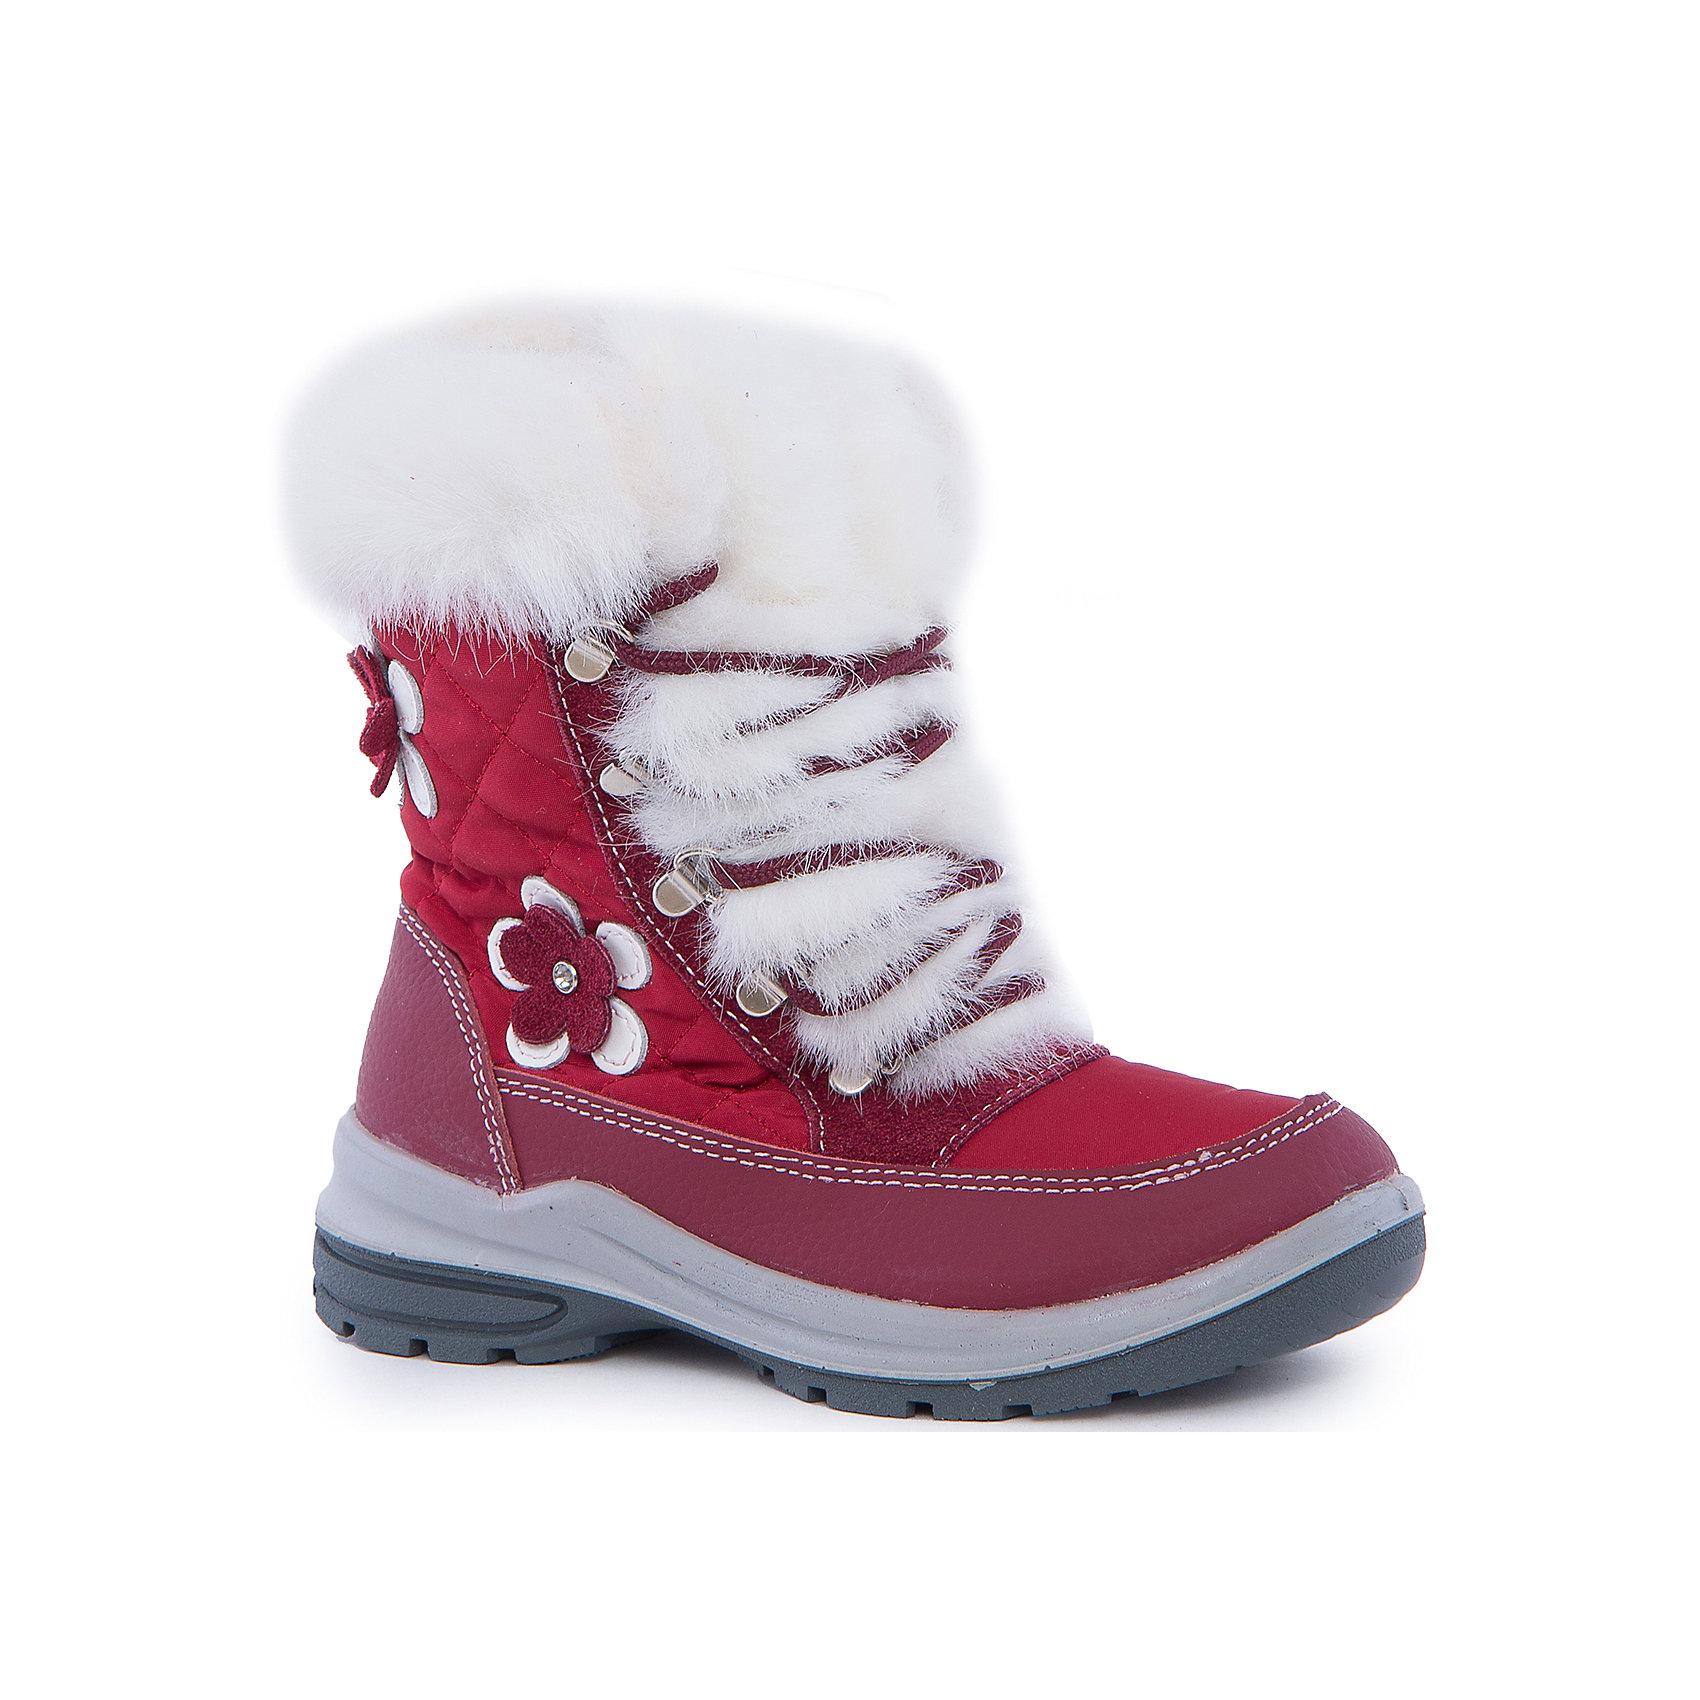 Ботинки для девочки КотофейБотинки<br>Котофей – качественная и стильная детская обувь по доступным ценам. С каждым днем популярность бренда растет.  Зимние ботинки для девочки из новой коллекции отвечают всем модным тенденциям и требованиям по качеству одновременно. У модели есть стильная белая меховая отстрочка, которая добавляет нежности и романтичности образу. Сбоку прикреплена аппликация в виде модного цветка. <br><br>Дополнительная информация:<br><br>цвет: синий;<br>крепление: литьевое;<br>застежка: пластмассовая молния;<br>температурный режим: от -15 °С до +5° С.<br><br>Состав:<br>верх – комбинированный материал;<br>подклад – мех шерстяной;<br>материал подошвы – ПУ/резина.<br><br>Зимние сапожки для девочек  дошкольного возраста из кожи от фирмы Котофей можно приобрести у нас в магазине.<br><br>Ширина мм: 257<br>Глубина мм: 180<br>Высота мм: 130<br>Вес г: 420<br>Цвет: красный<br>Возраст от месяцев: 36<br>Возраст до месяцев: 48<br>Пол: Женский<br>Возраст: Детский<br>Размер: 27,29,30,28<br>SKU: 4982214